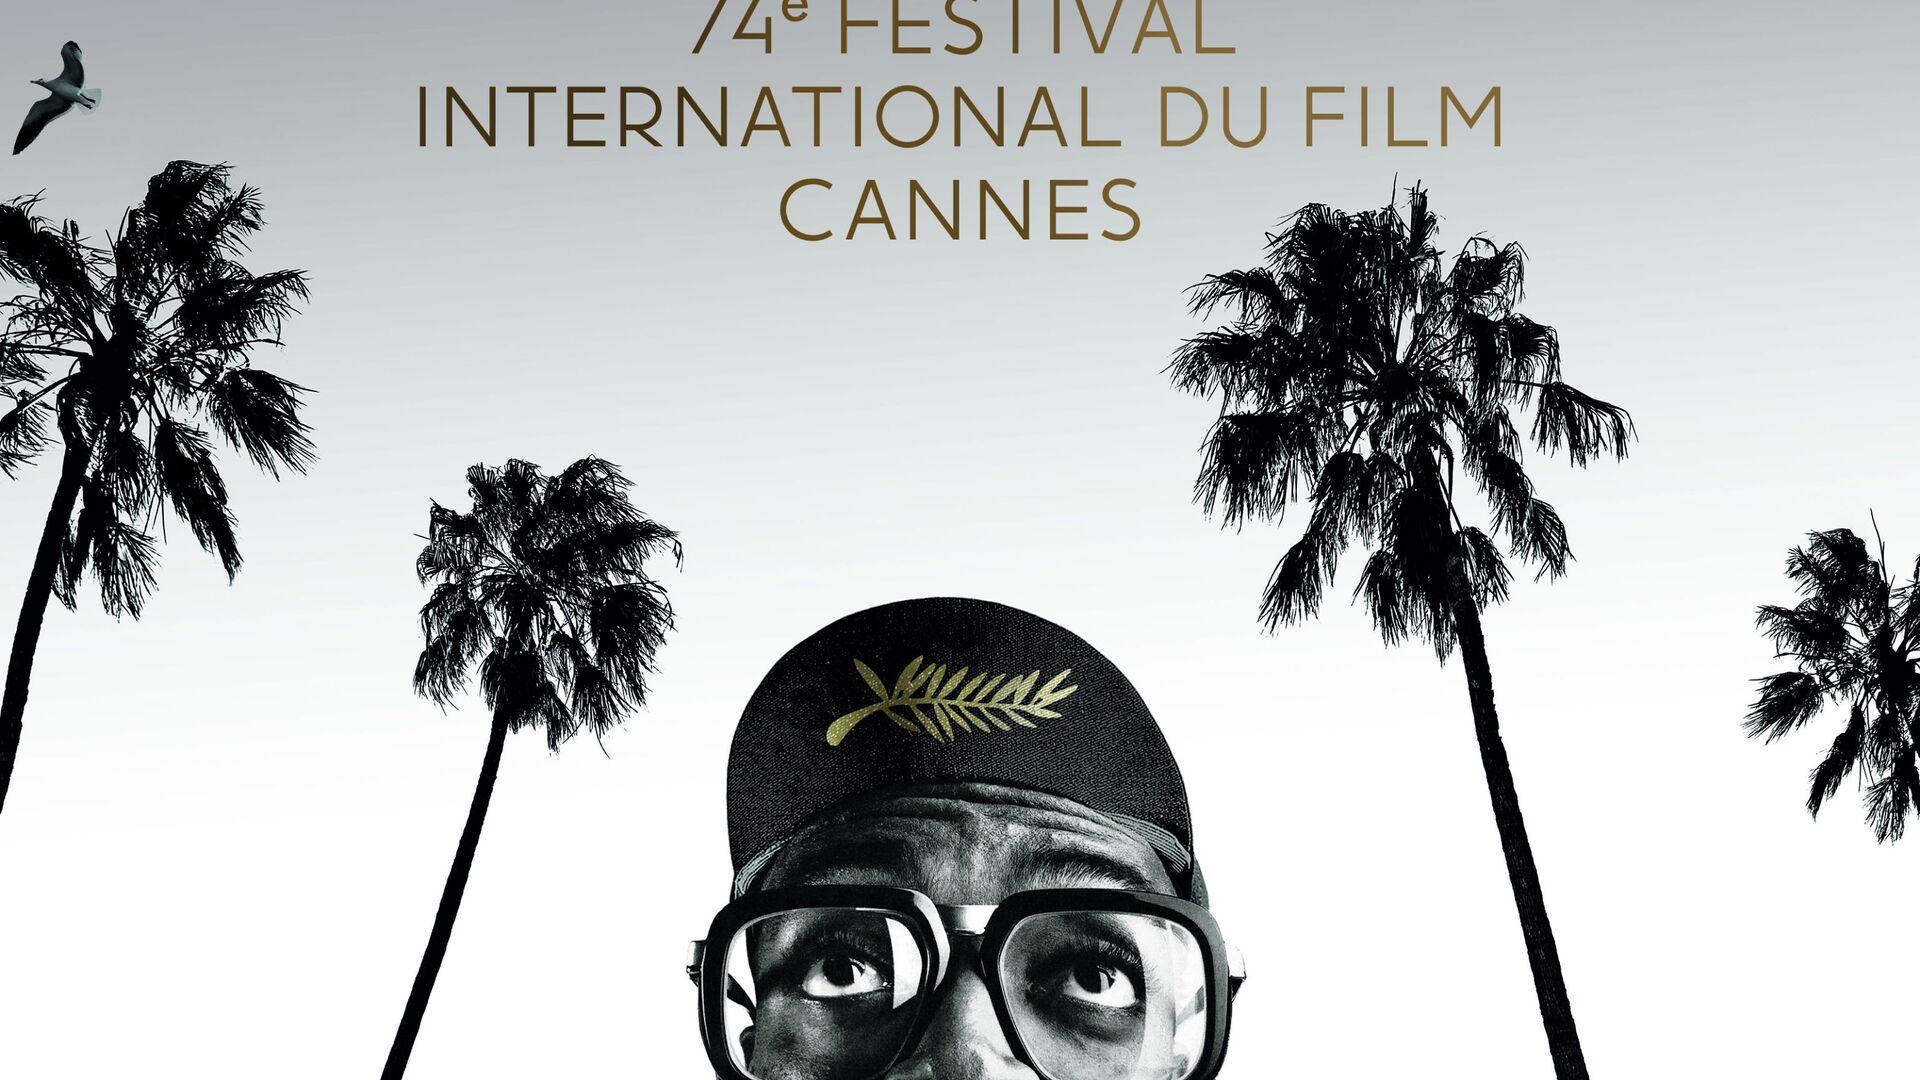 Plakát k 74. ročníku Filmového festivalu v Cannes - Sputnik Česká republika, 1920, 17.07.2021